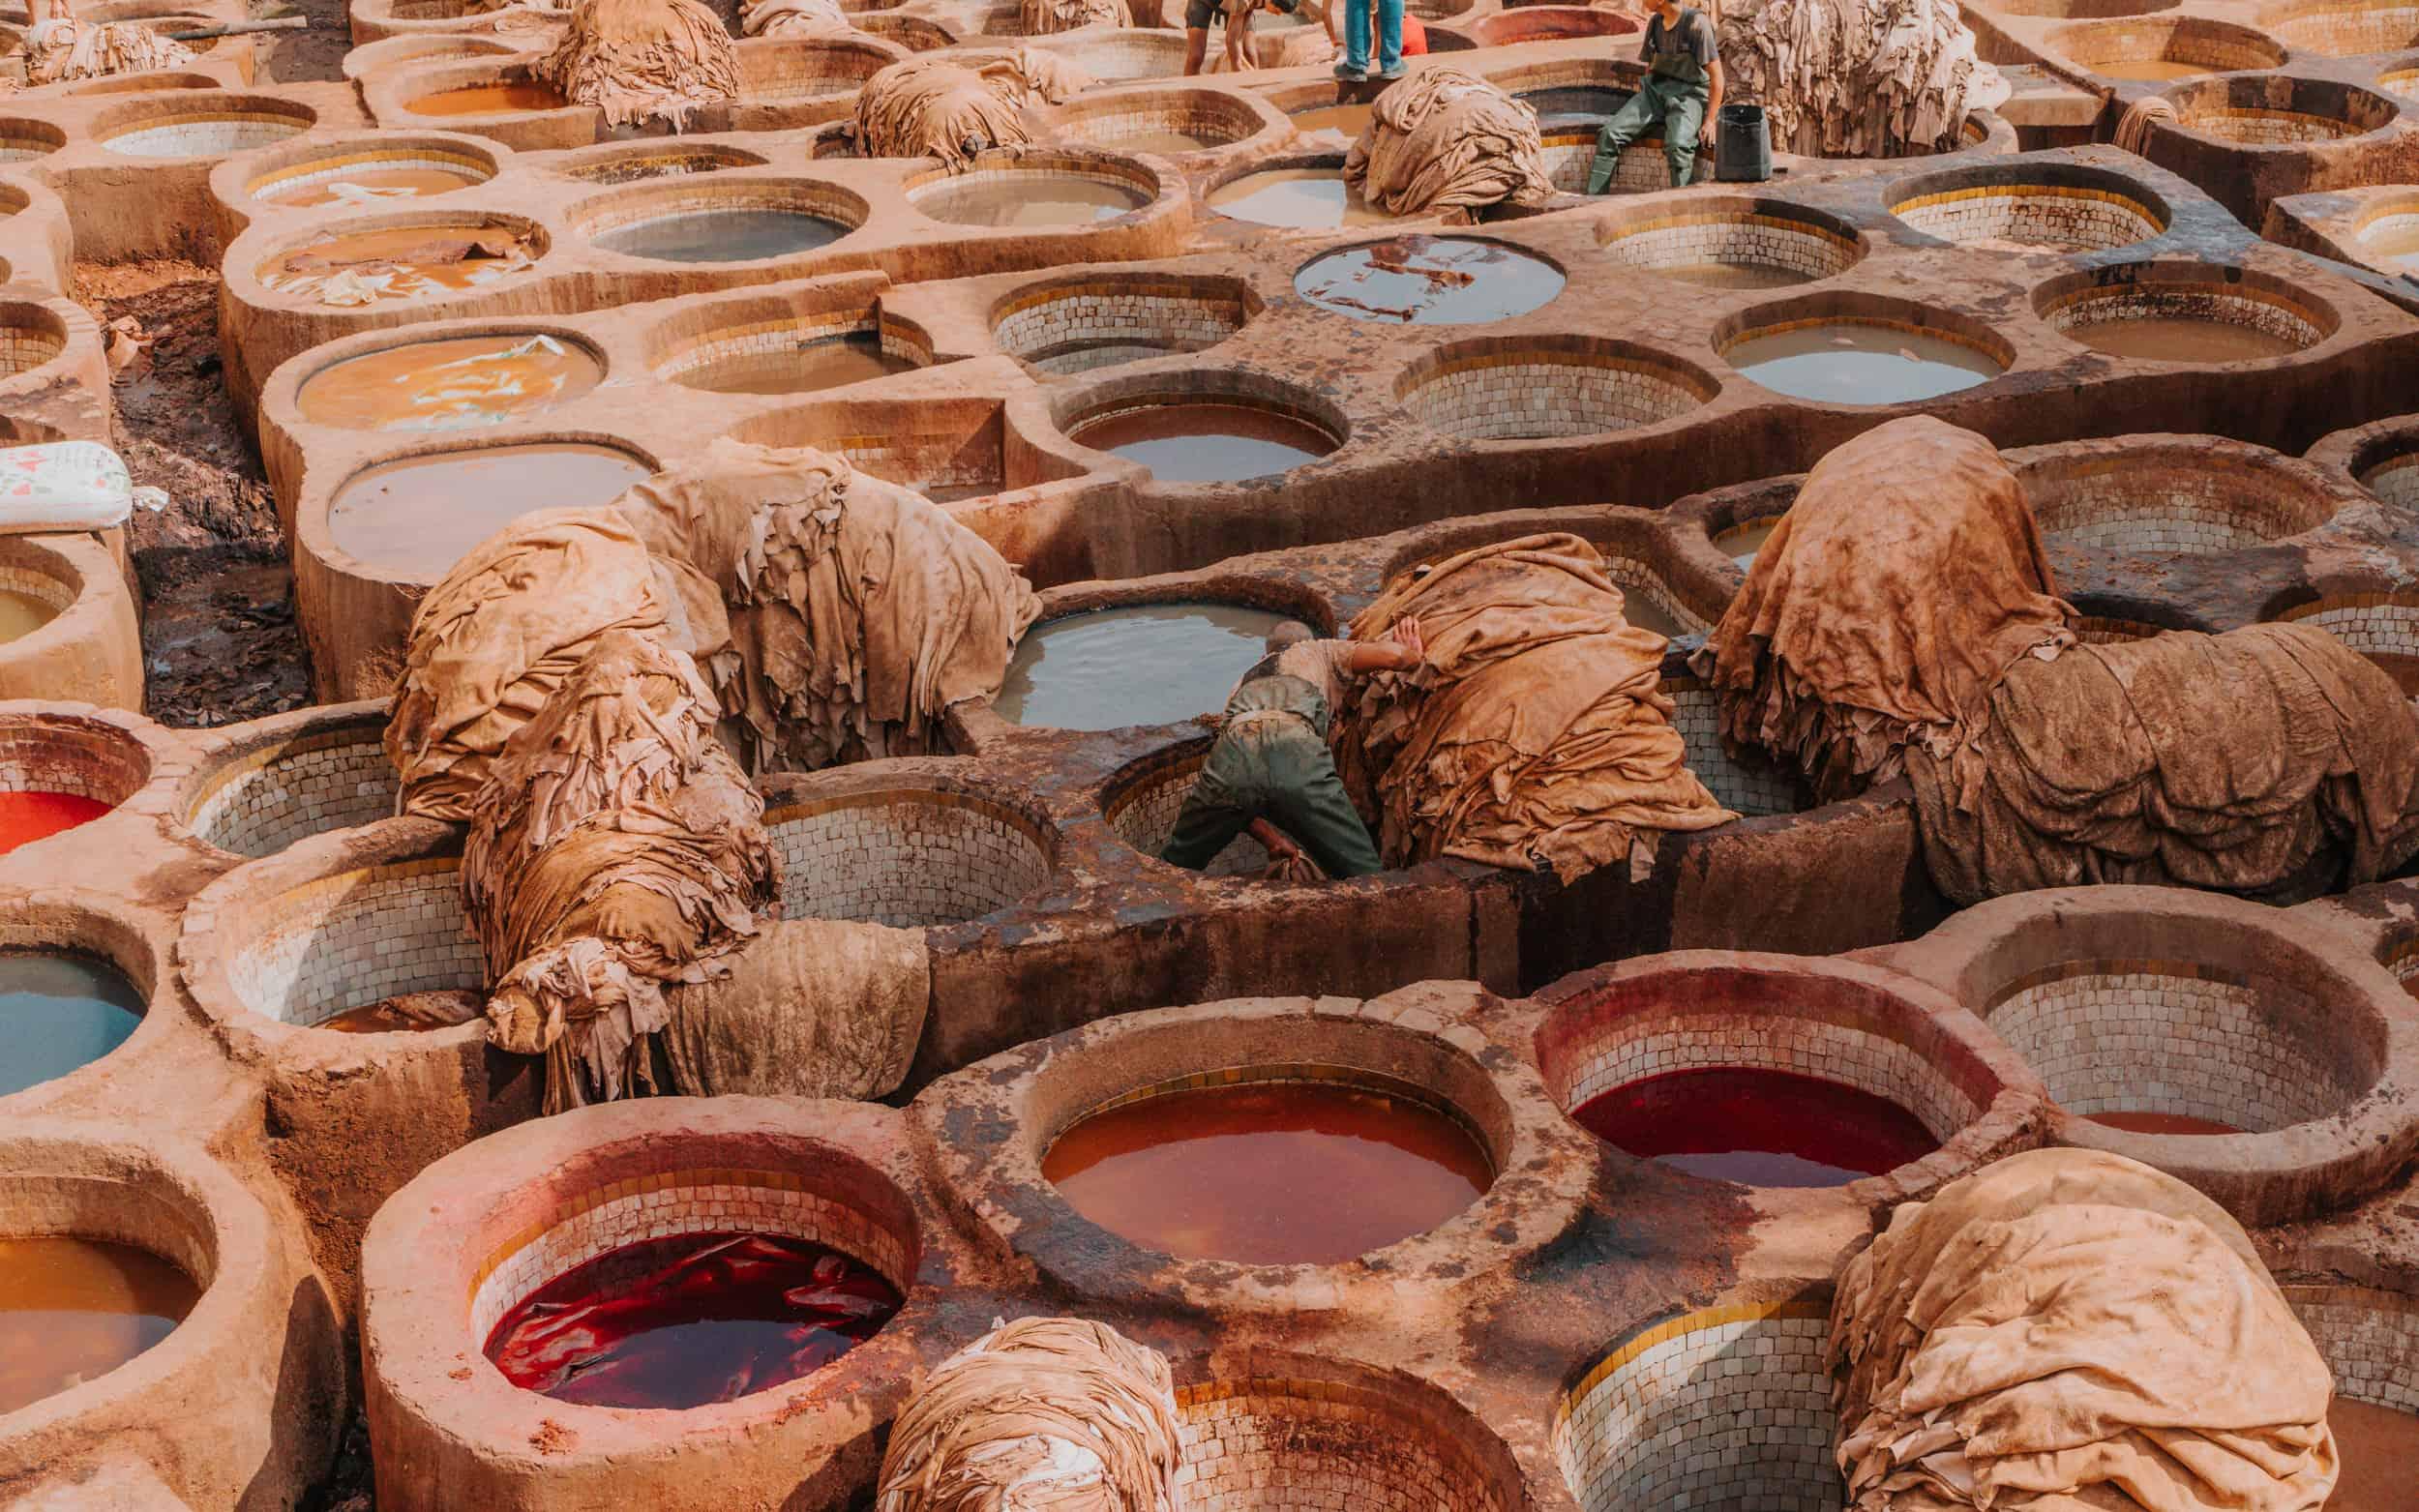 fez co zobaczyć w jeden dzień maroko